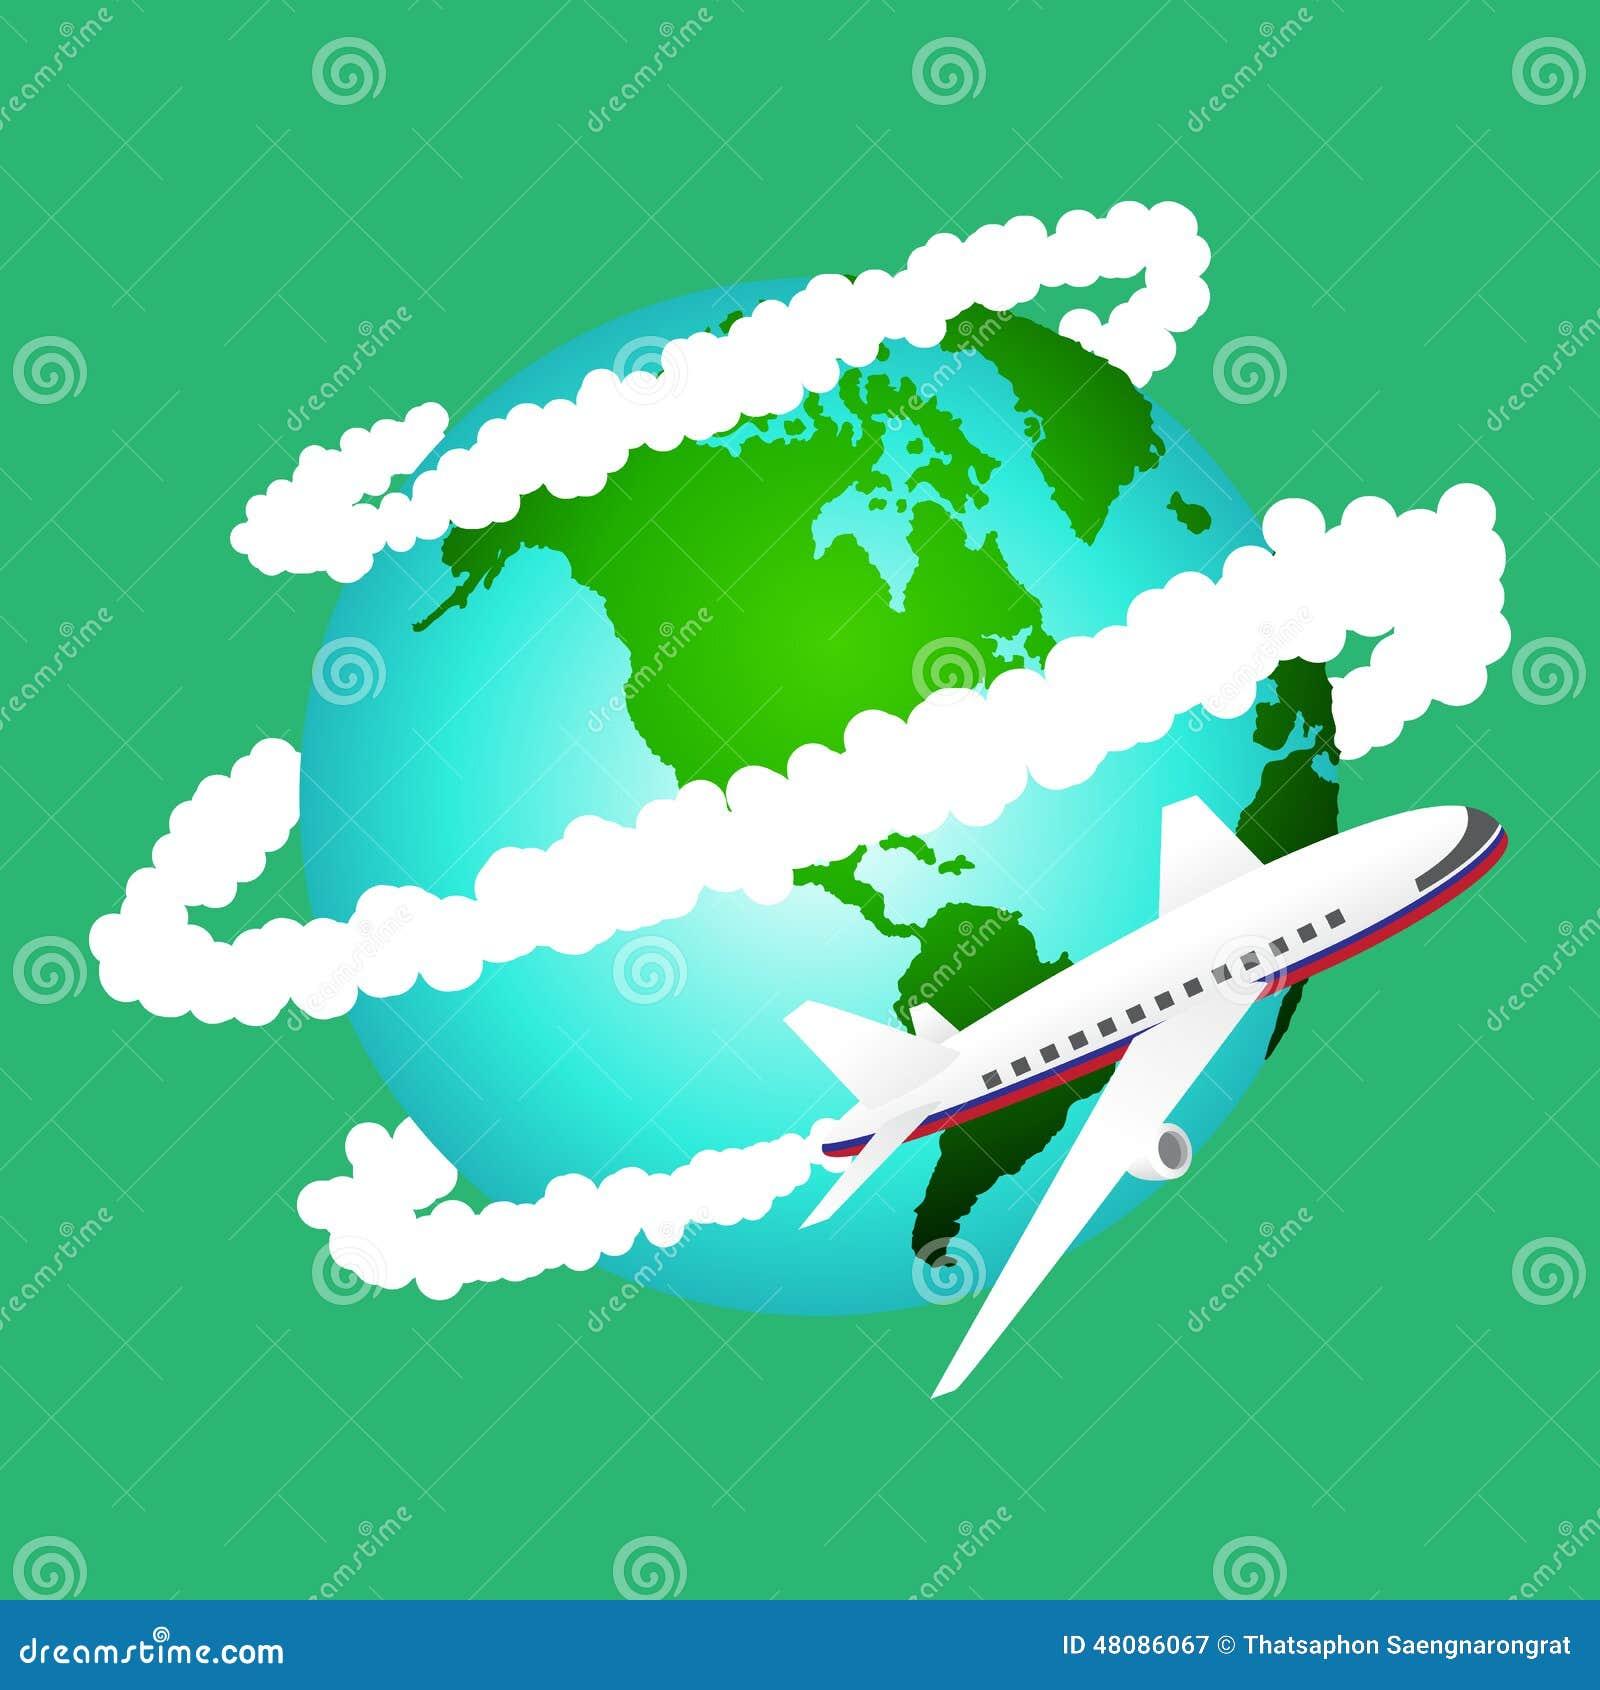 Illustration du voyage d 39 avion autour du monde l ments de carte de la t - Meubles autour du monde ...